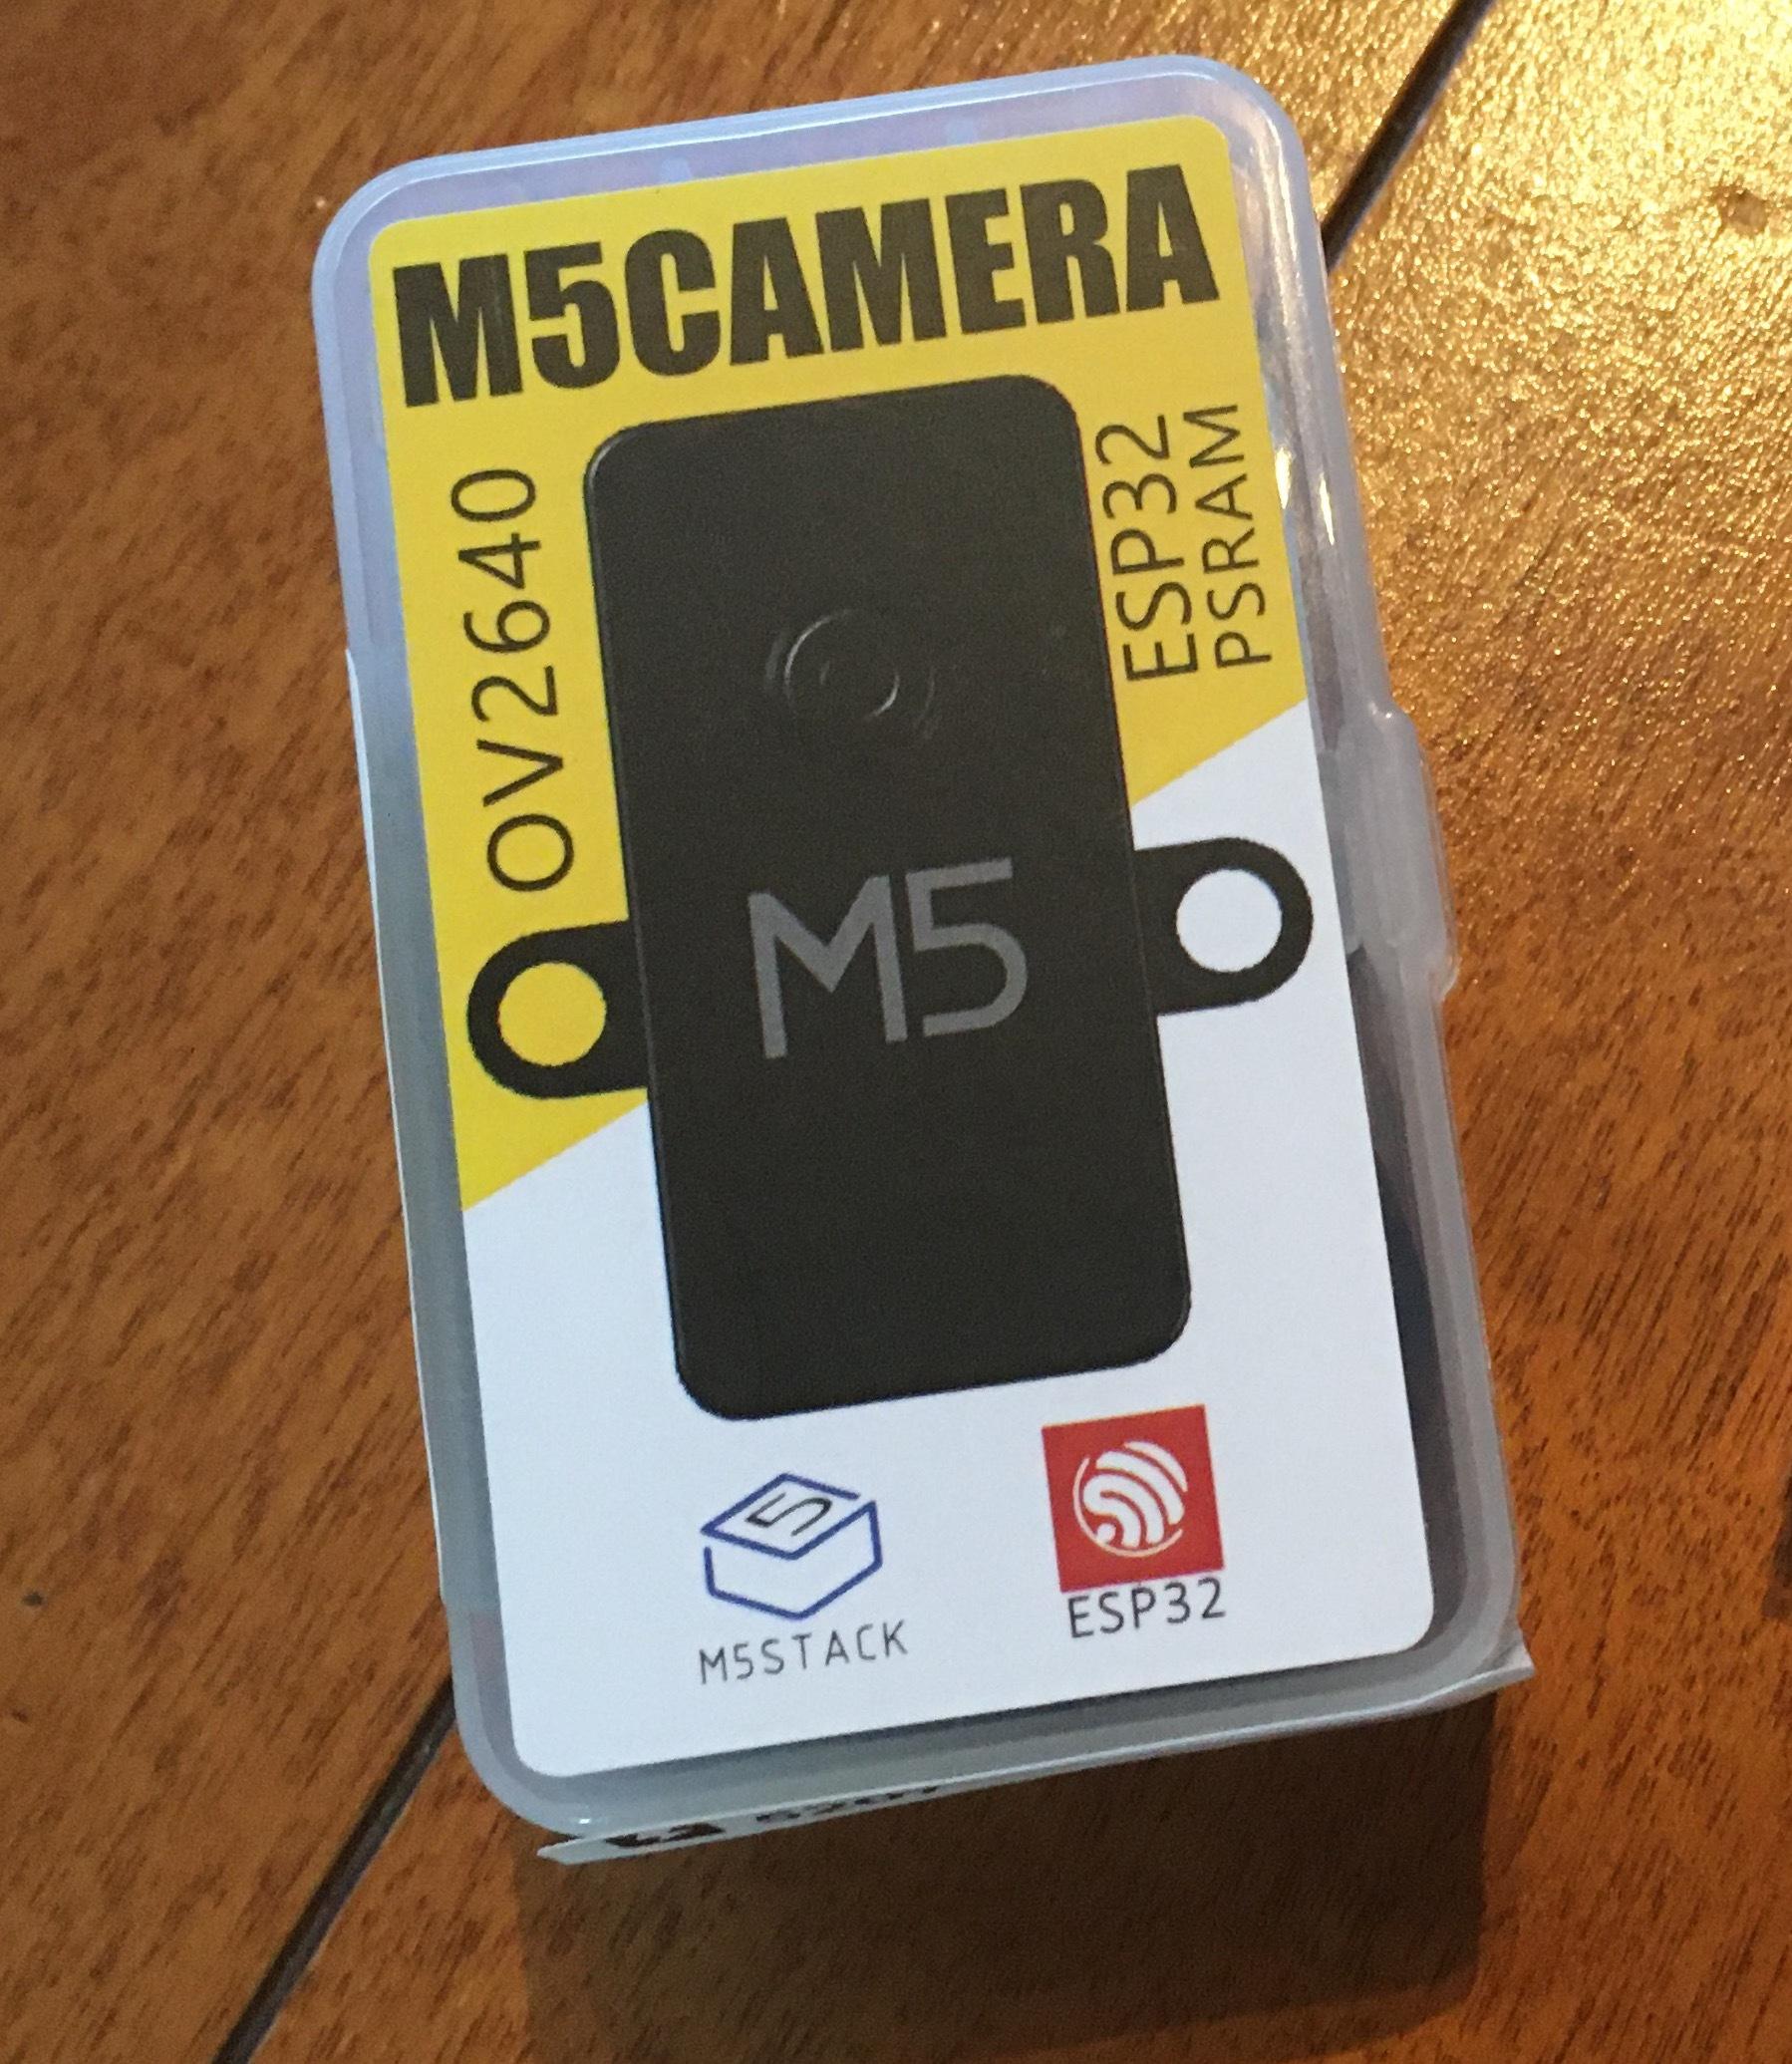 M5camera00.jpeg